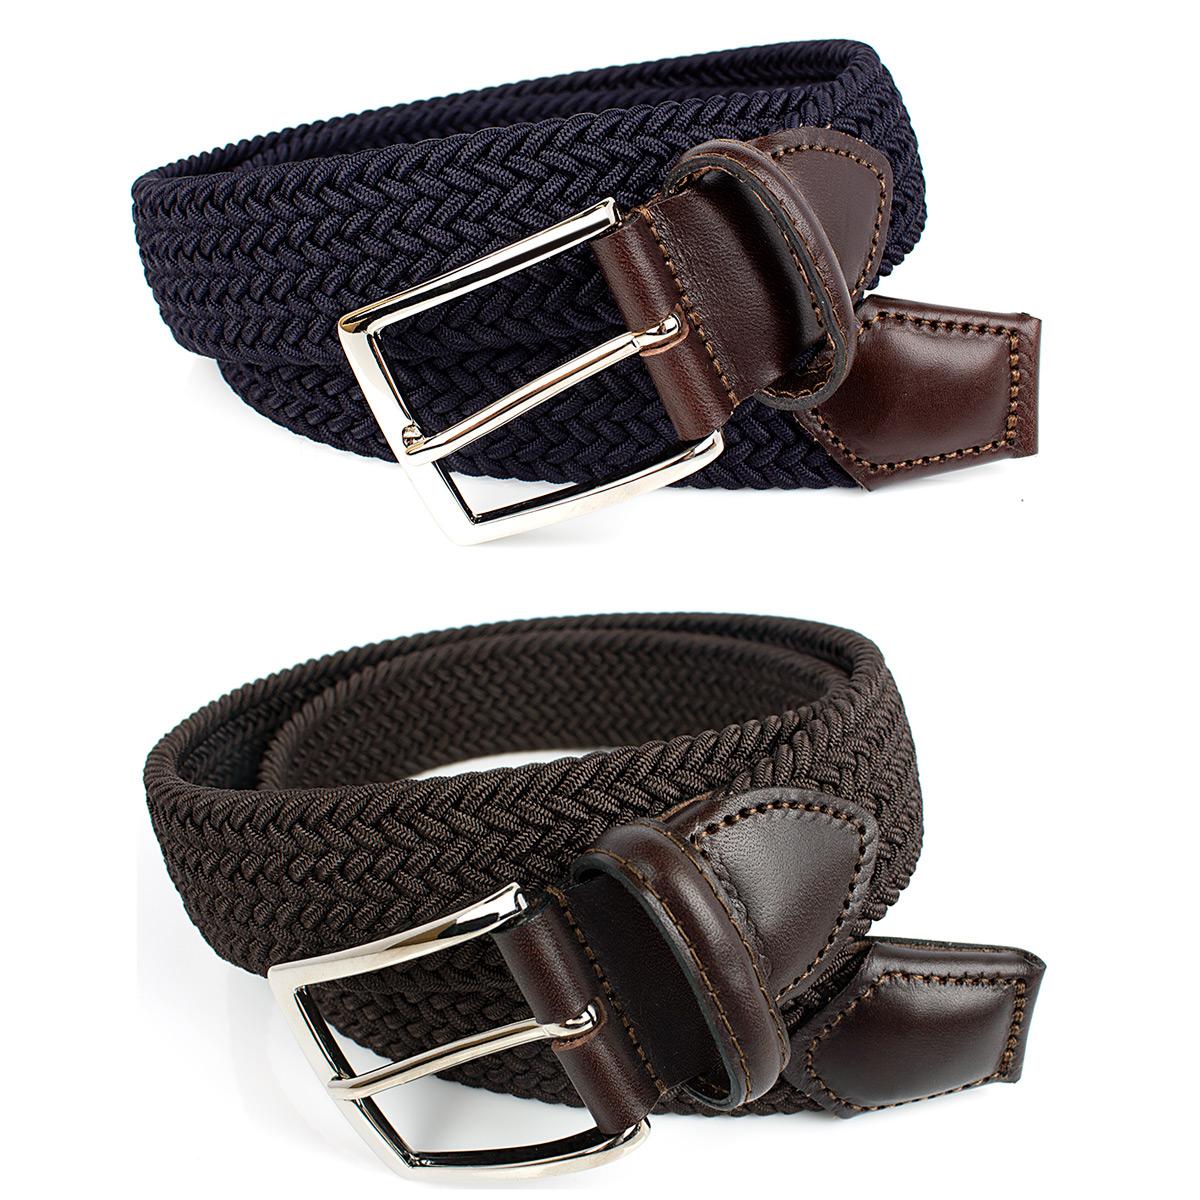 イタリア製の素材 縫製にこだわった上質なベルトブランド ATHISON ブラウン ネイビー 大幅値下げランキング ストレッチメッシュベルト 供え